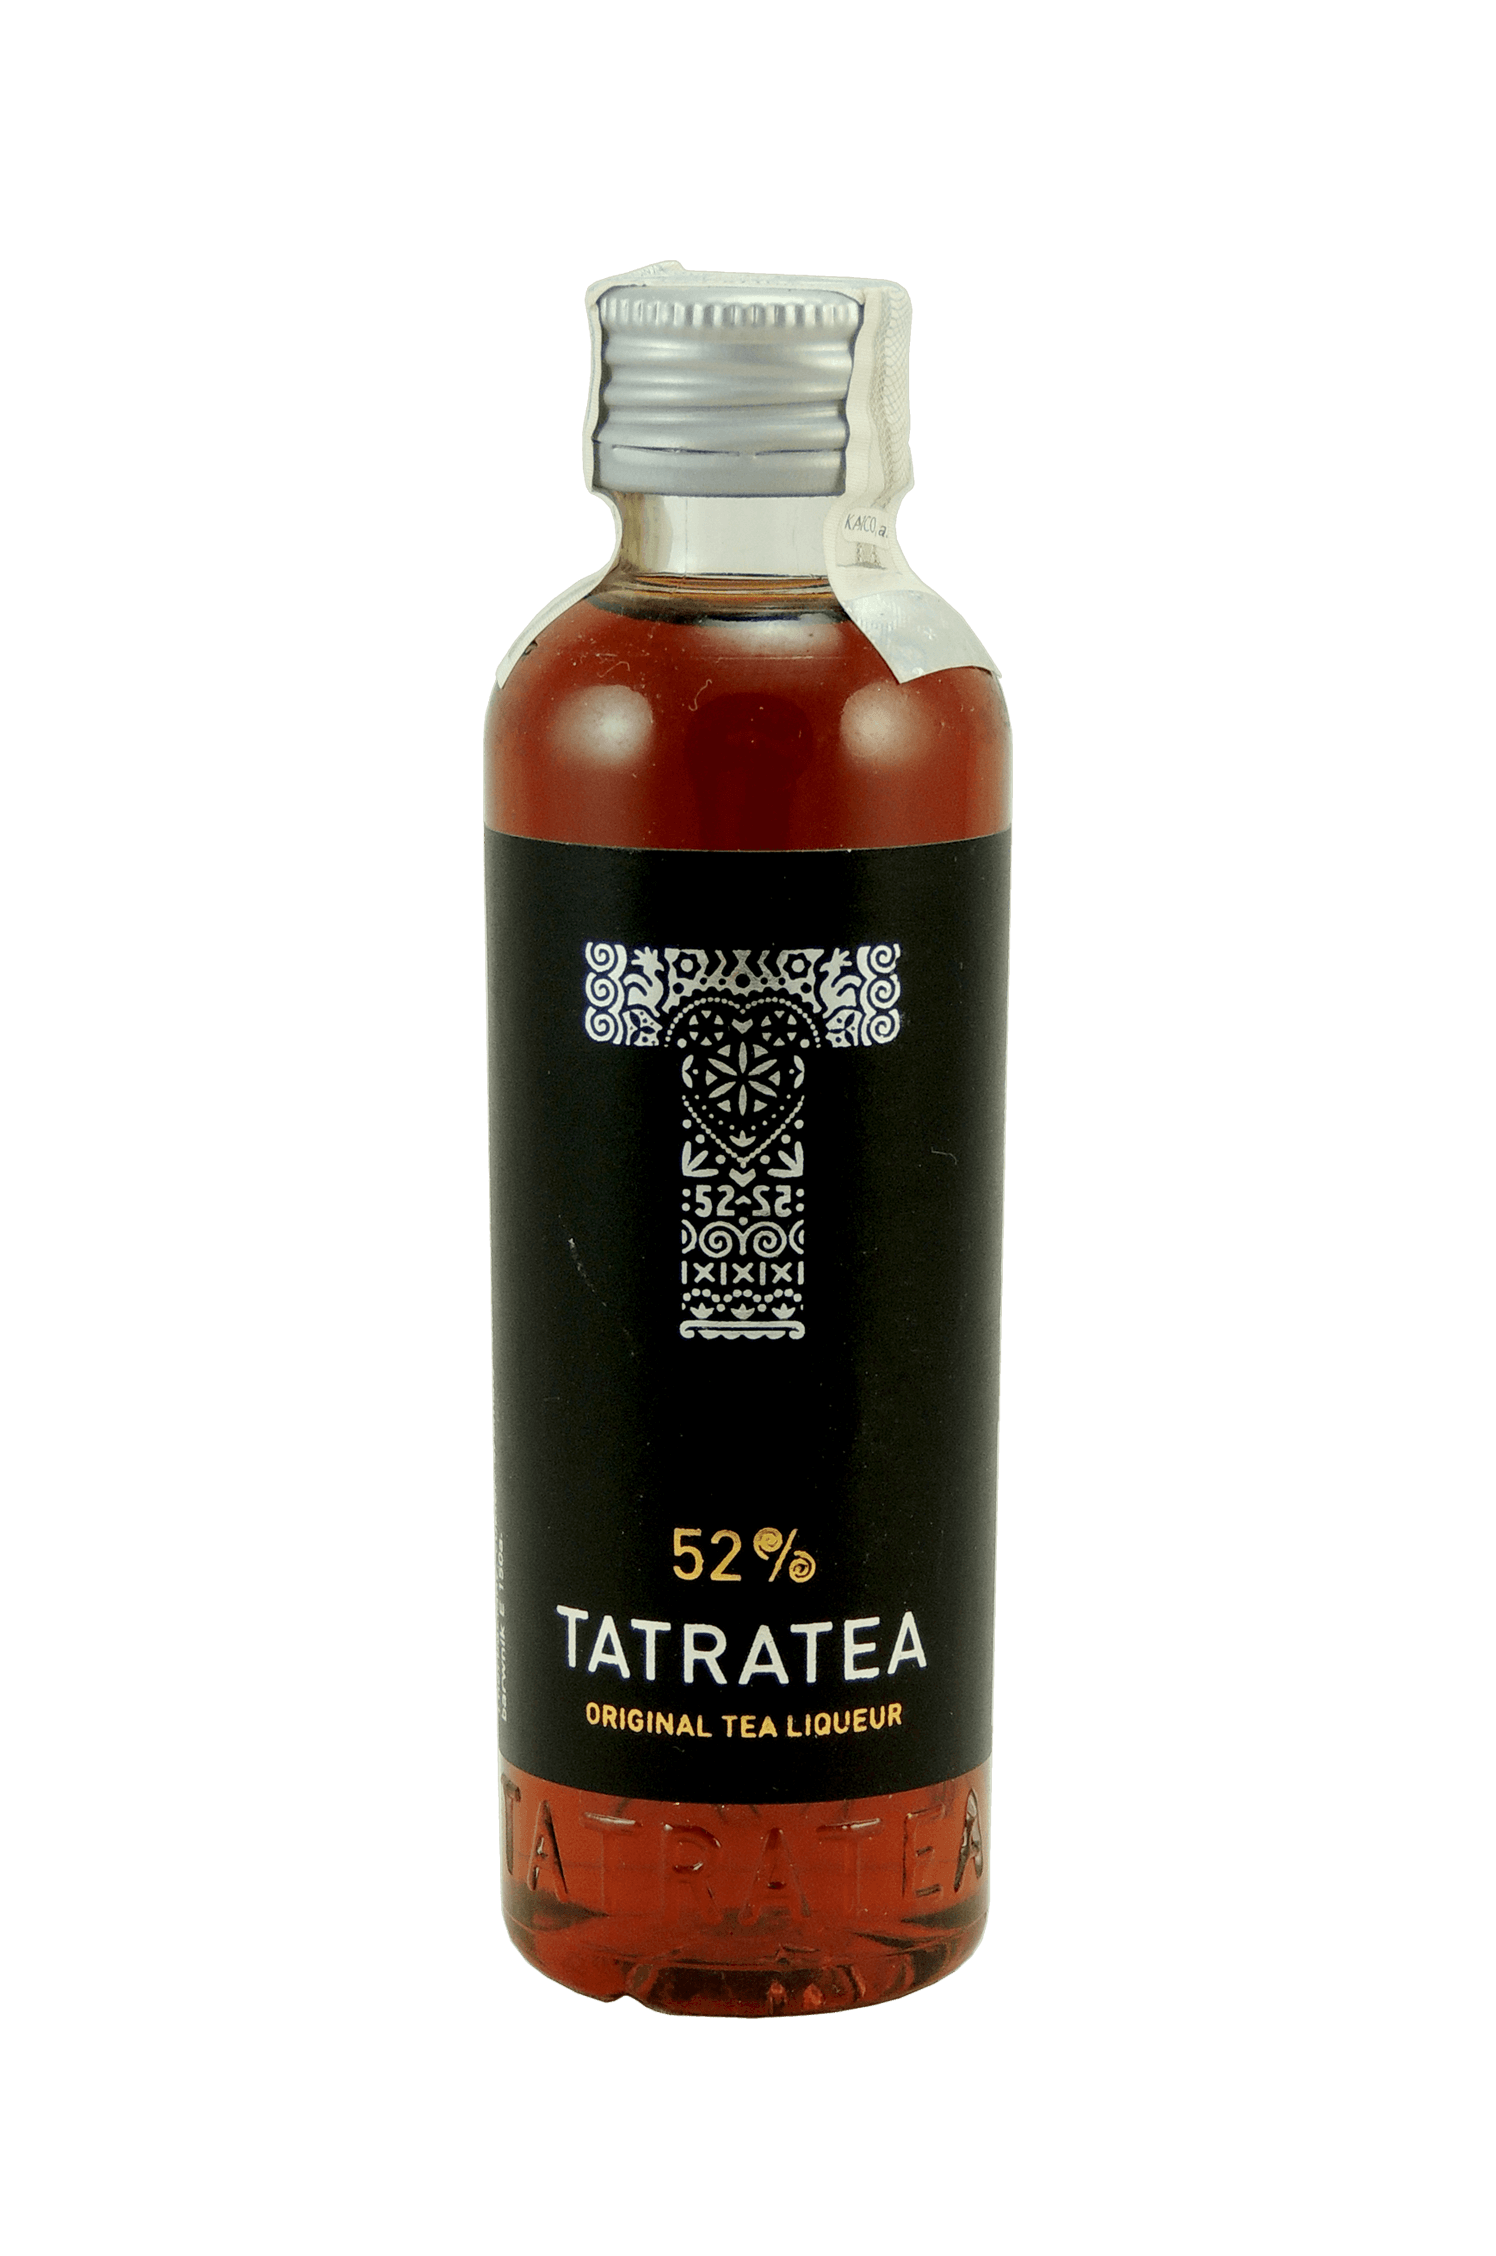 Tatratea Original Tea